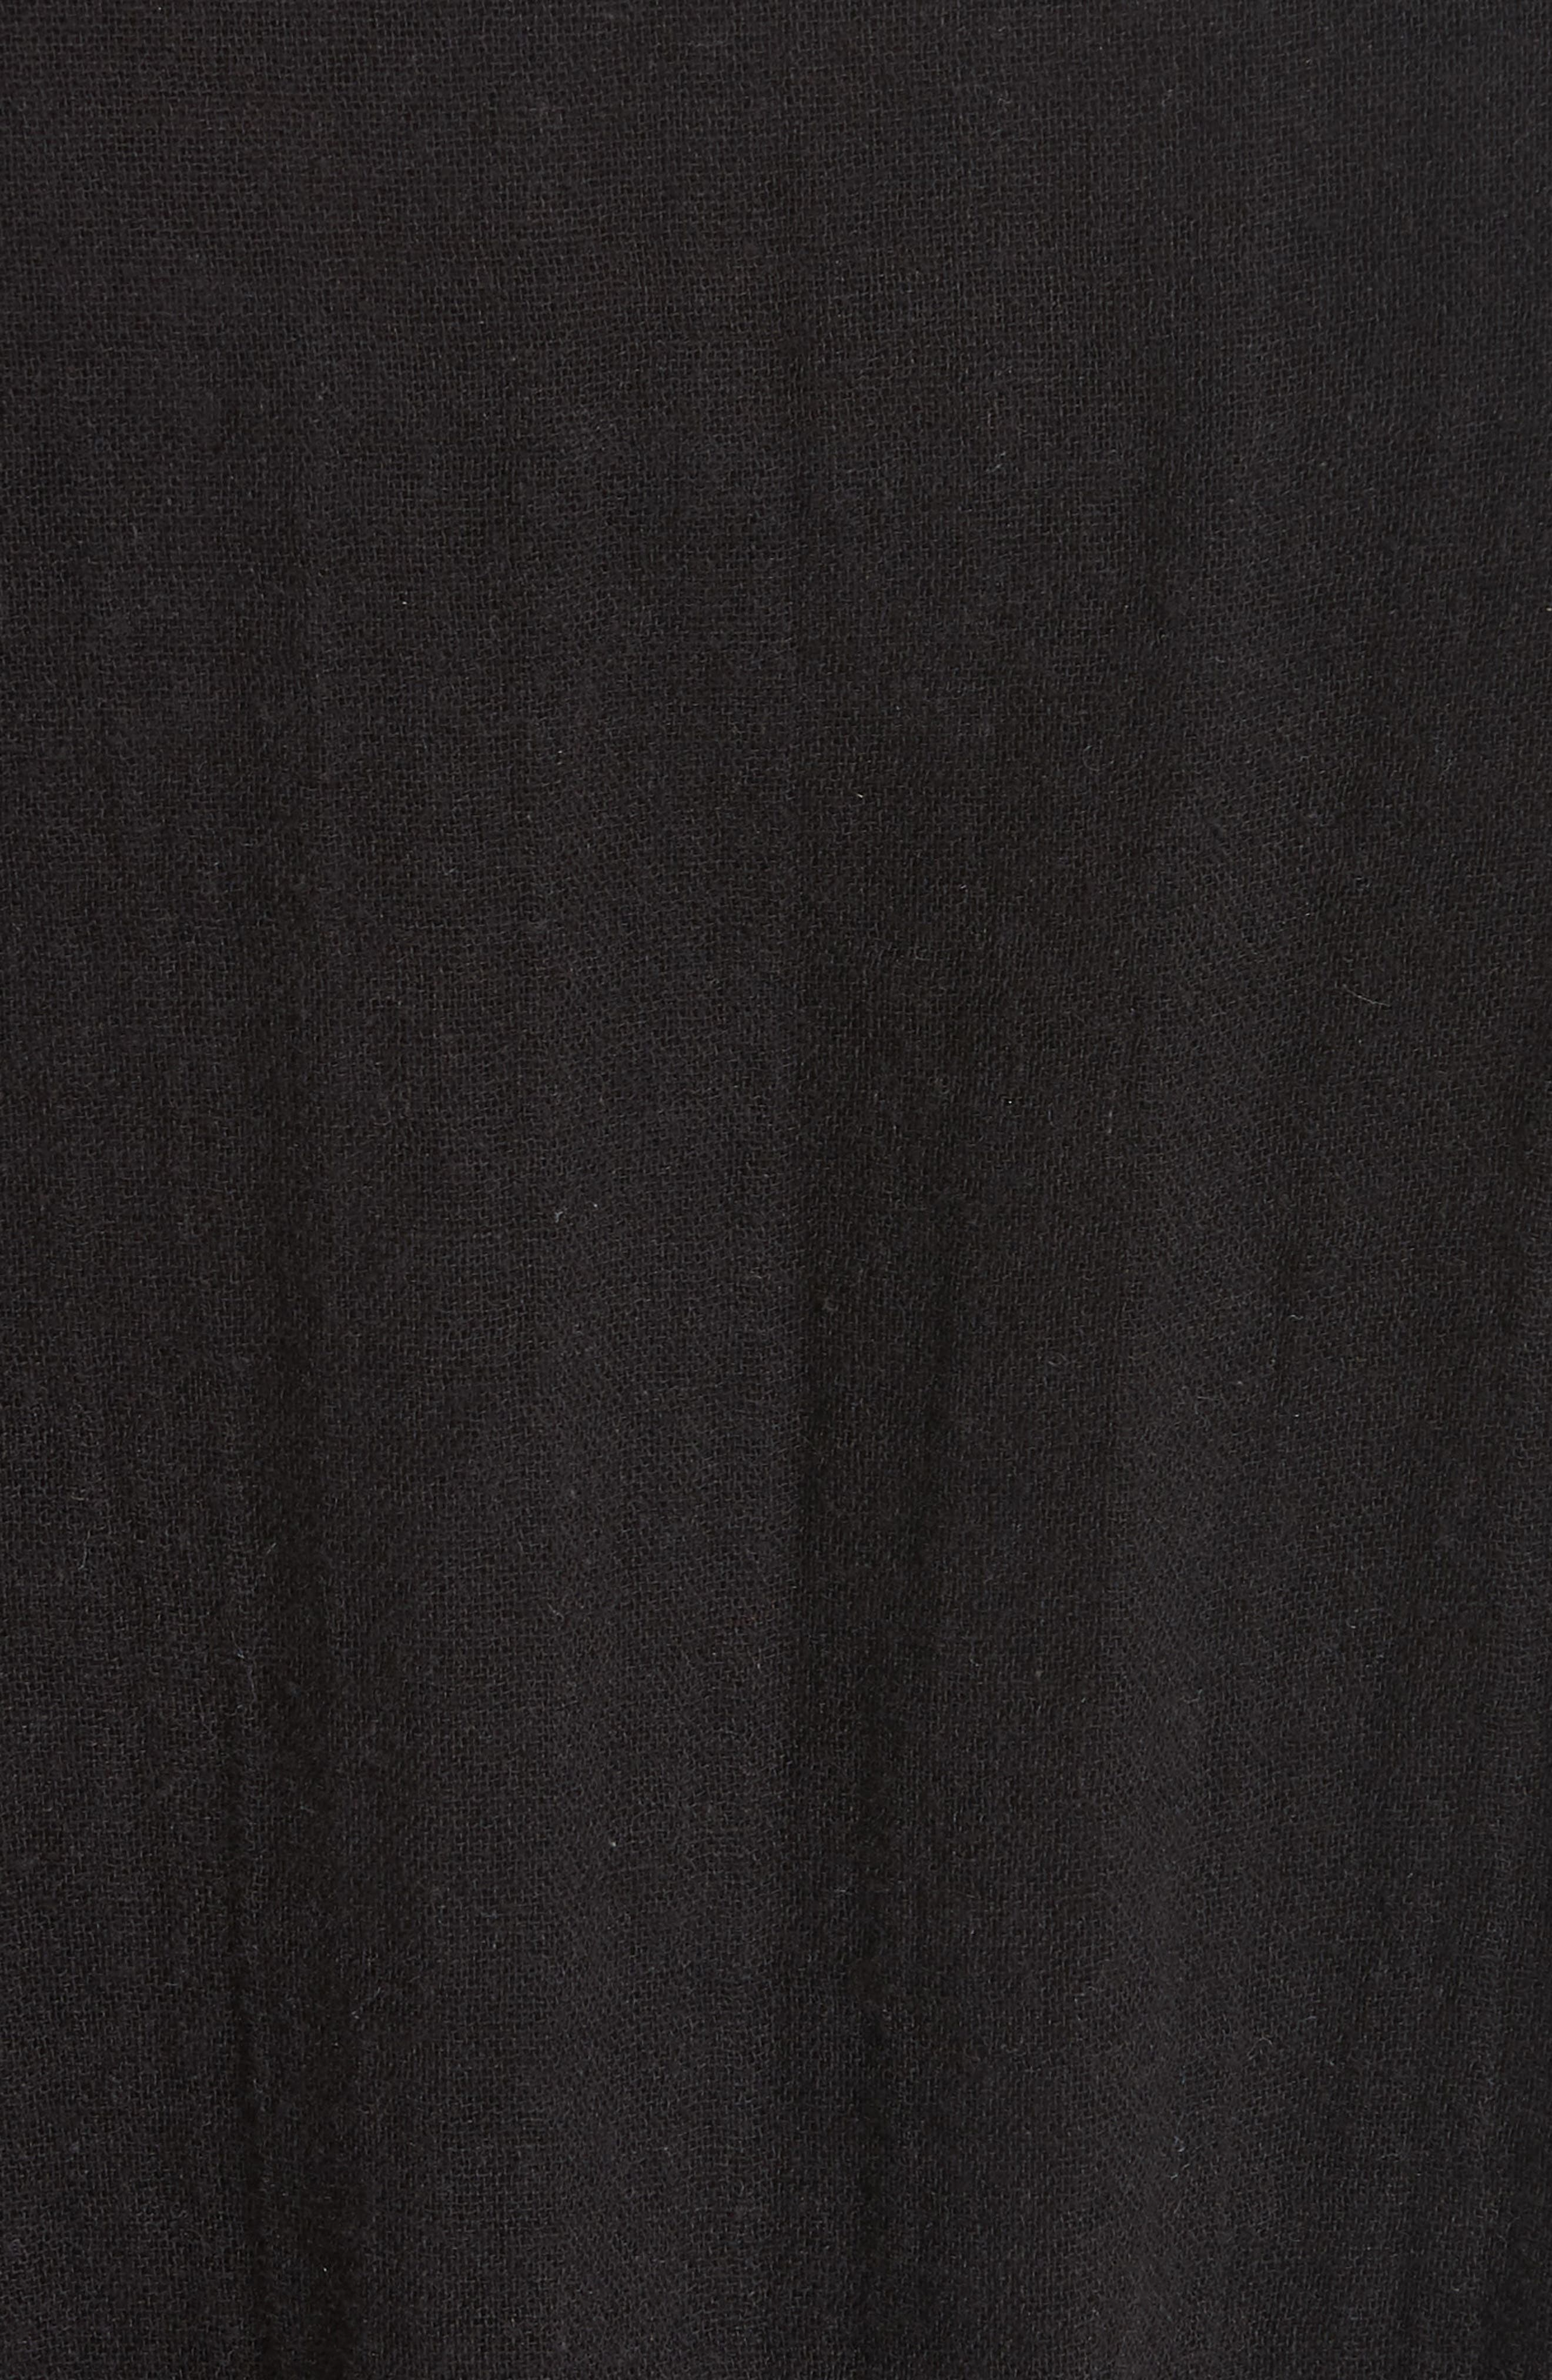 Petrushka Embroidered Jacket,                             Alternate thumbnail 7, color,                             BLACK